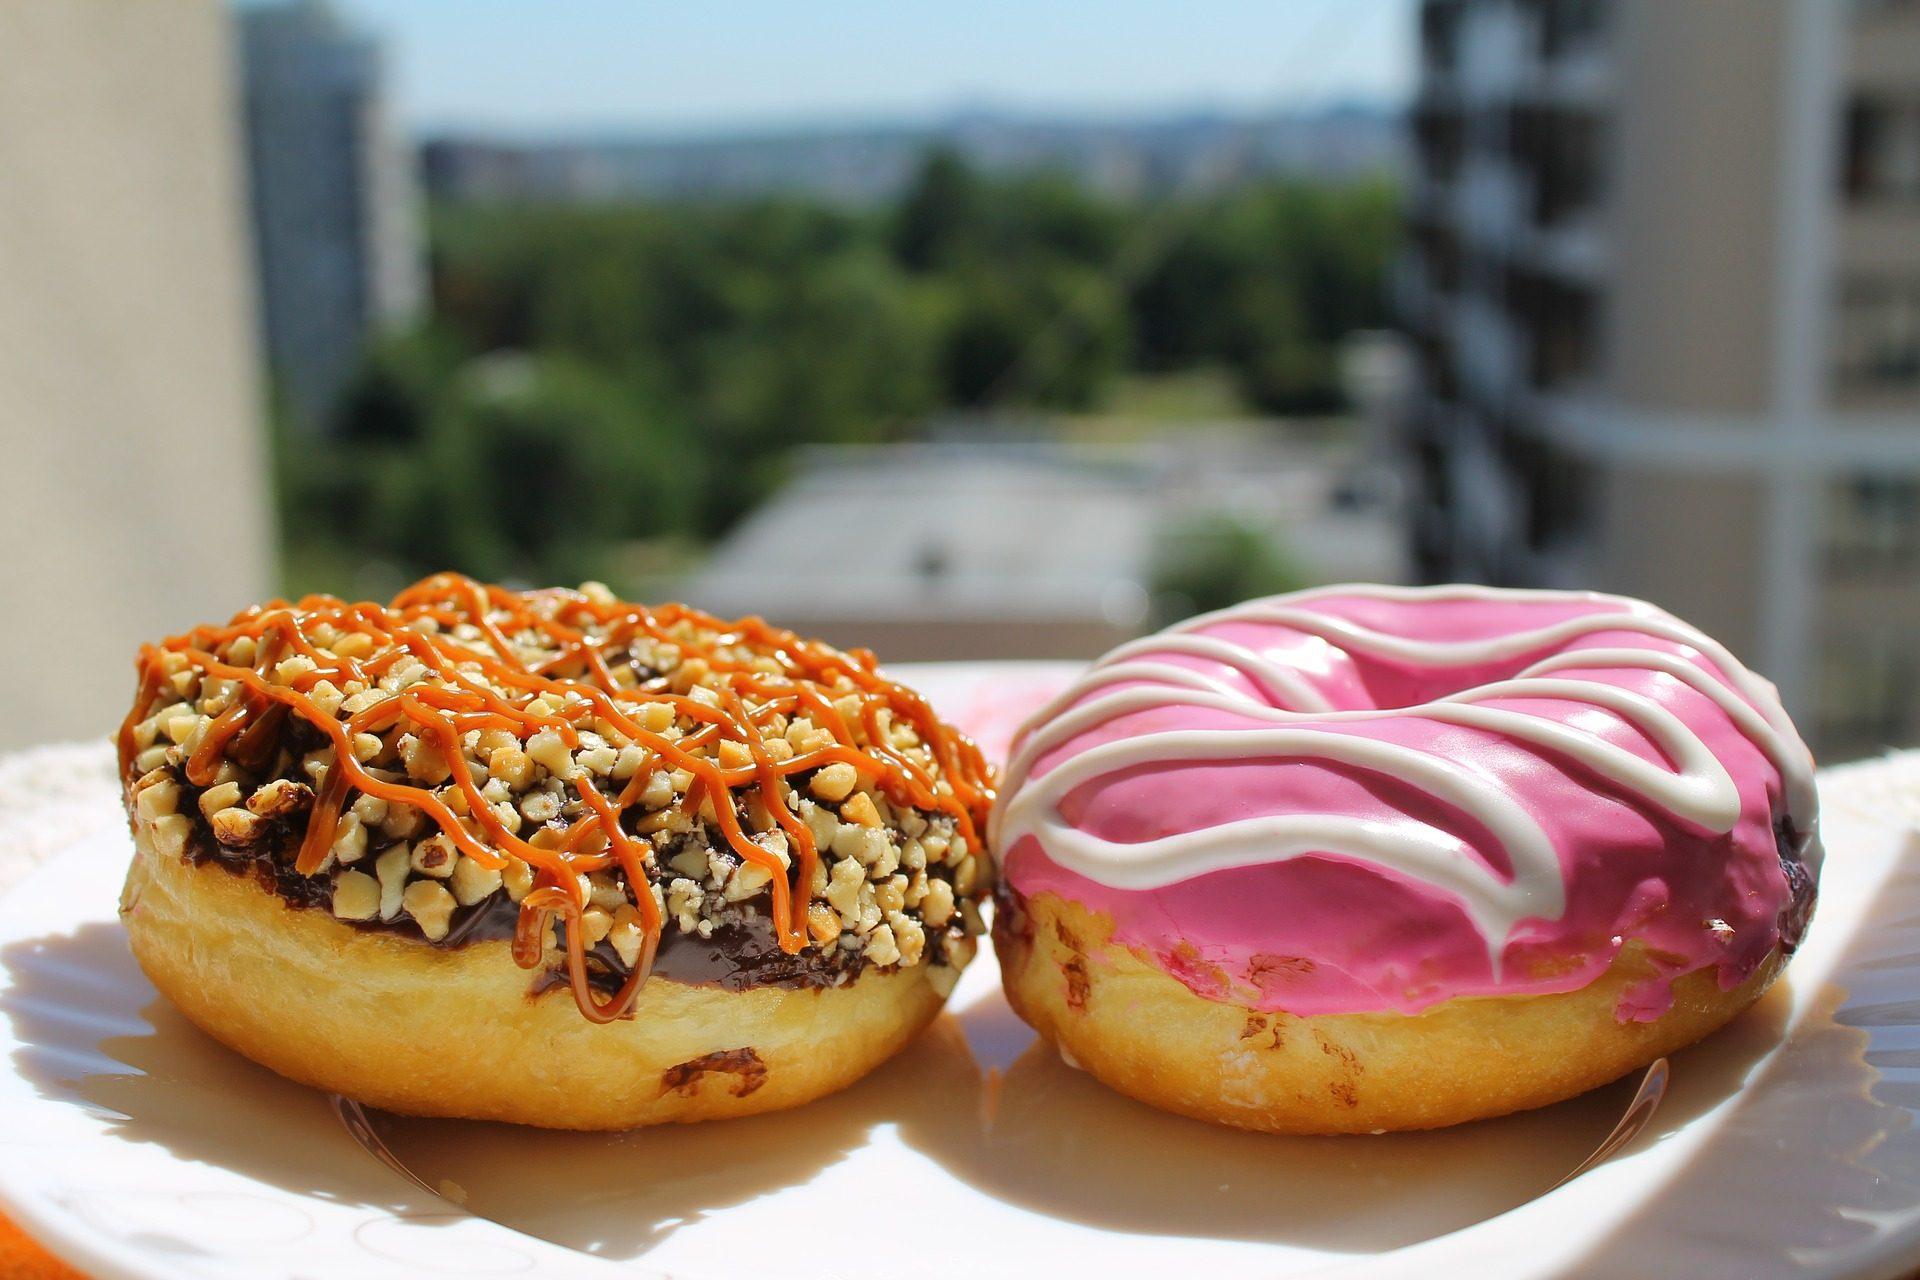 donuts, ドーナツ, 甘い, 釉薬, ペストリー - HD の壁紙 - 教授-falken.com